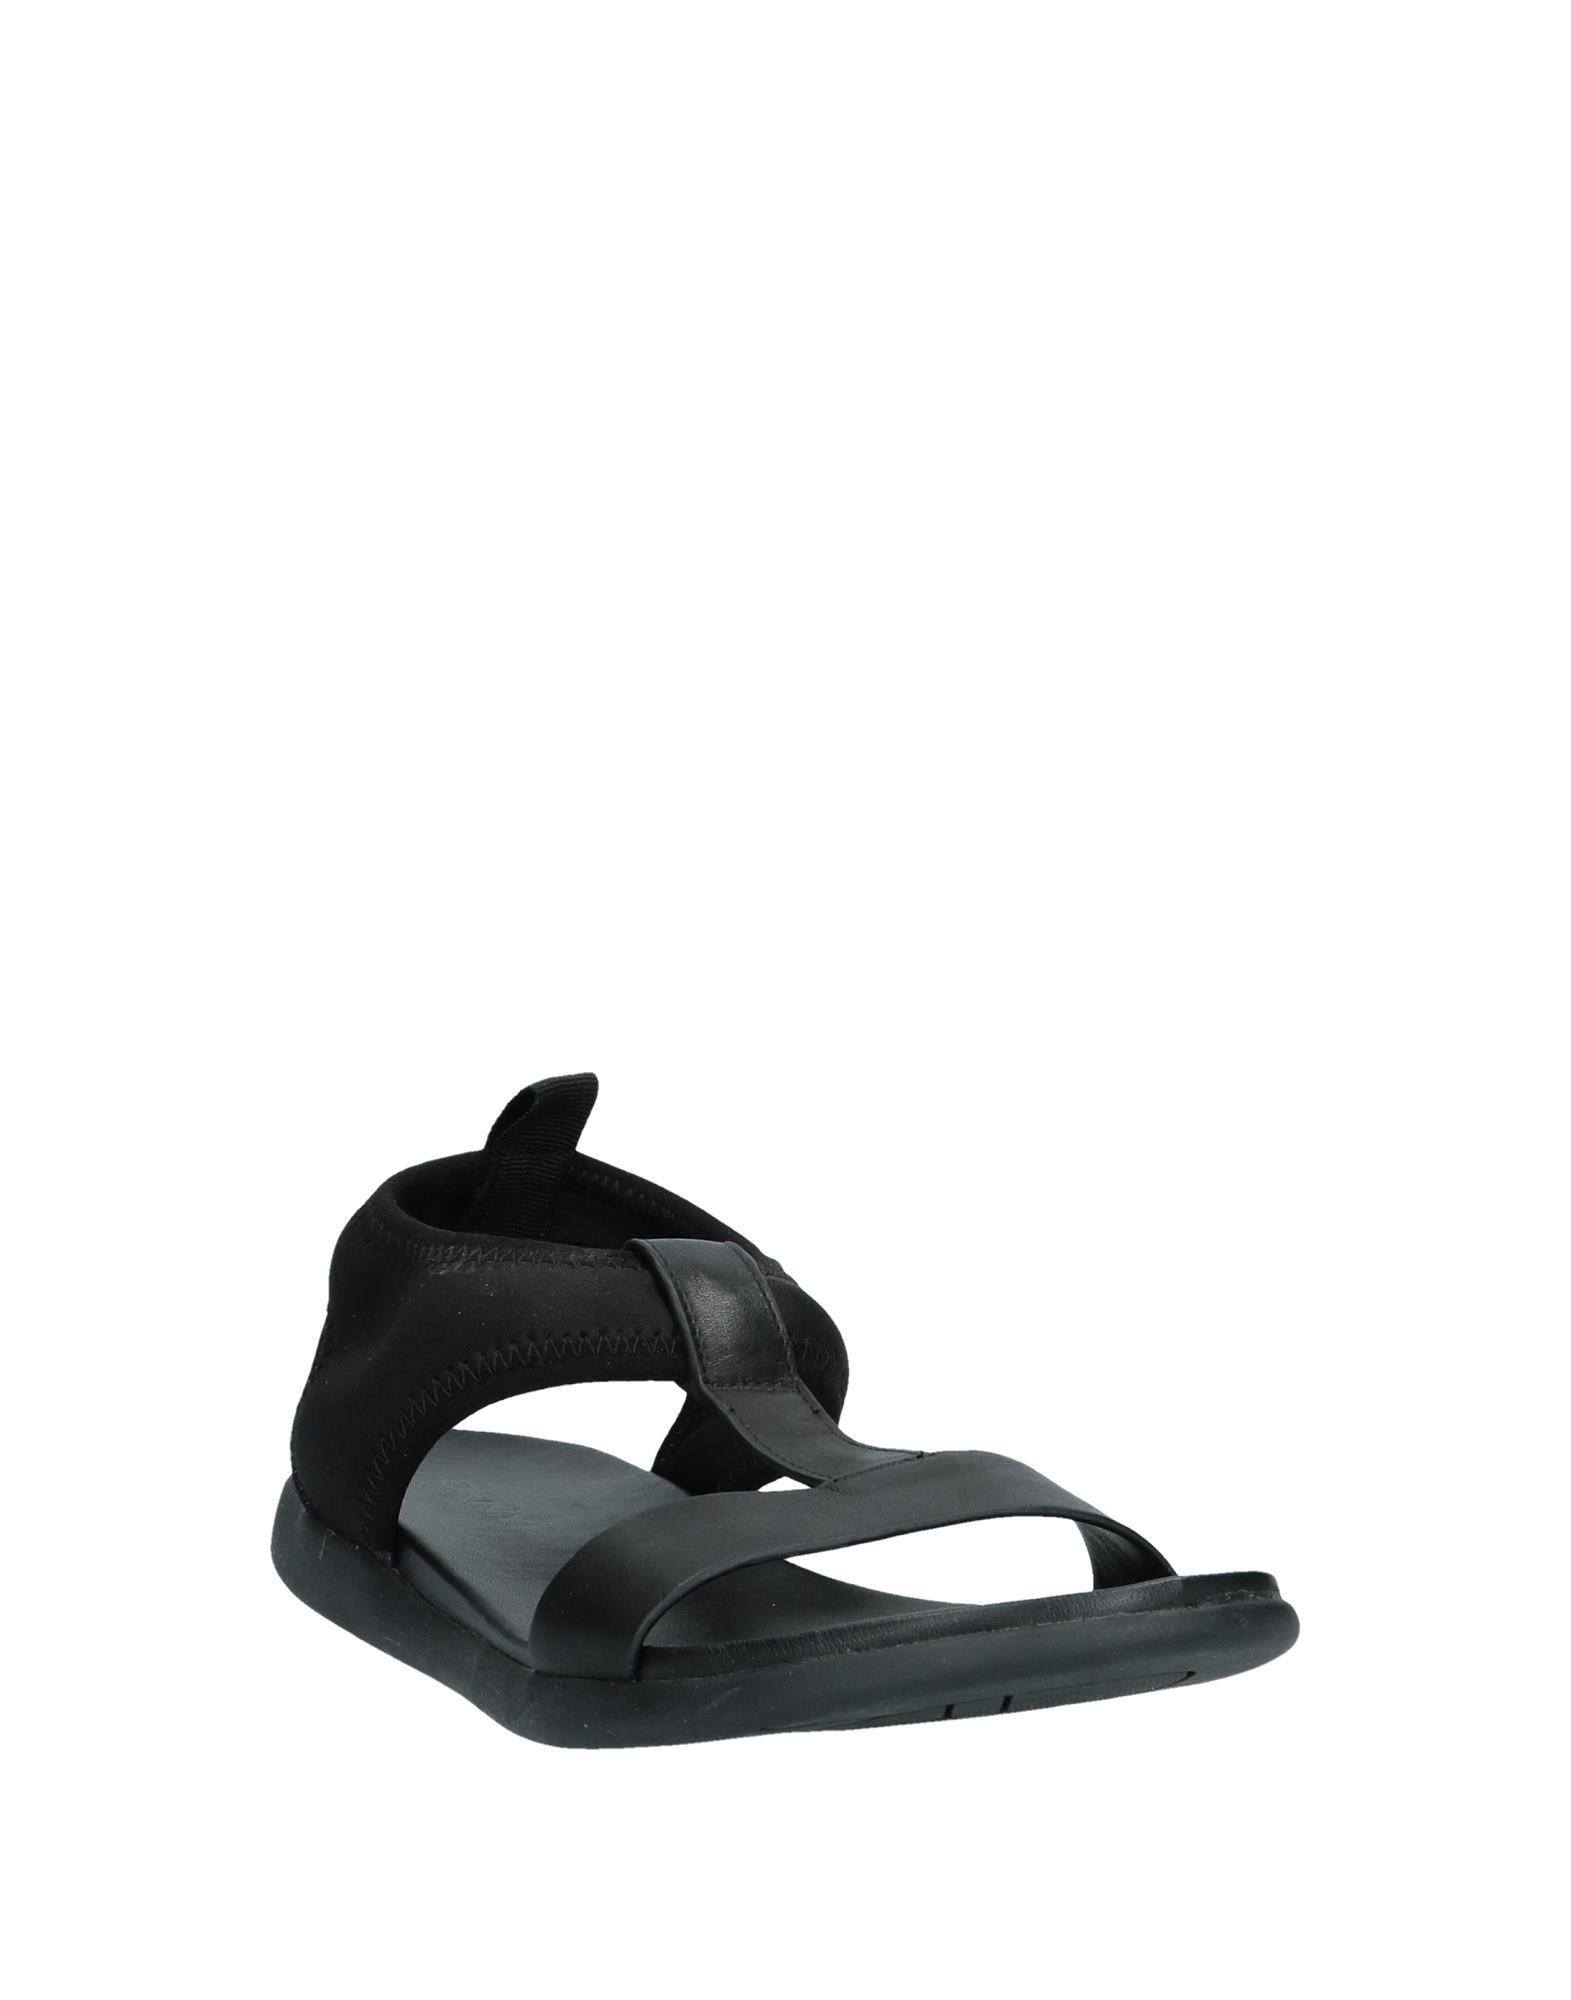 Dkny Sandalen Damen  11614111AG Gute Qualität beliebte Schuhe Schuhe Schuhe c05105